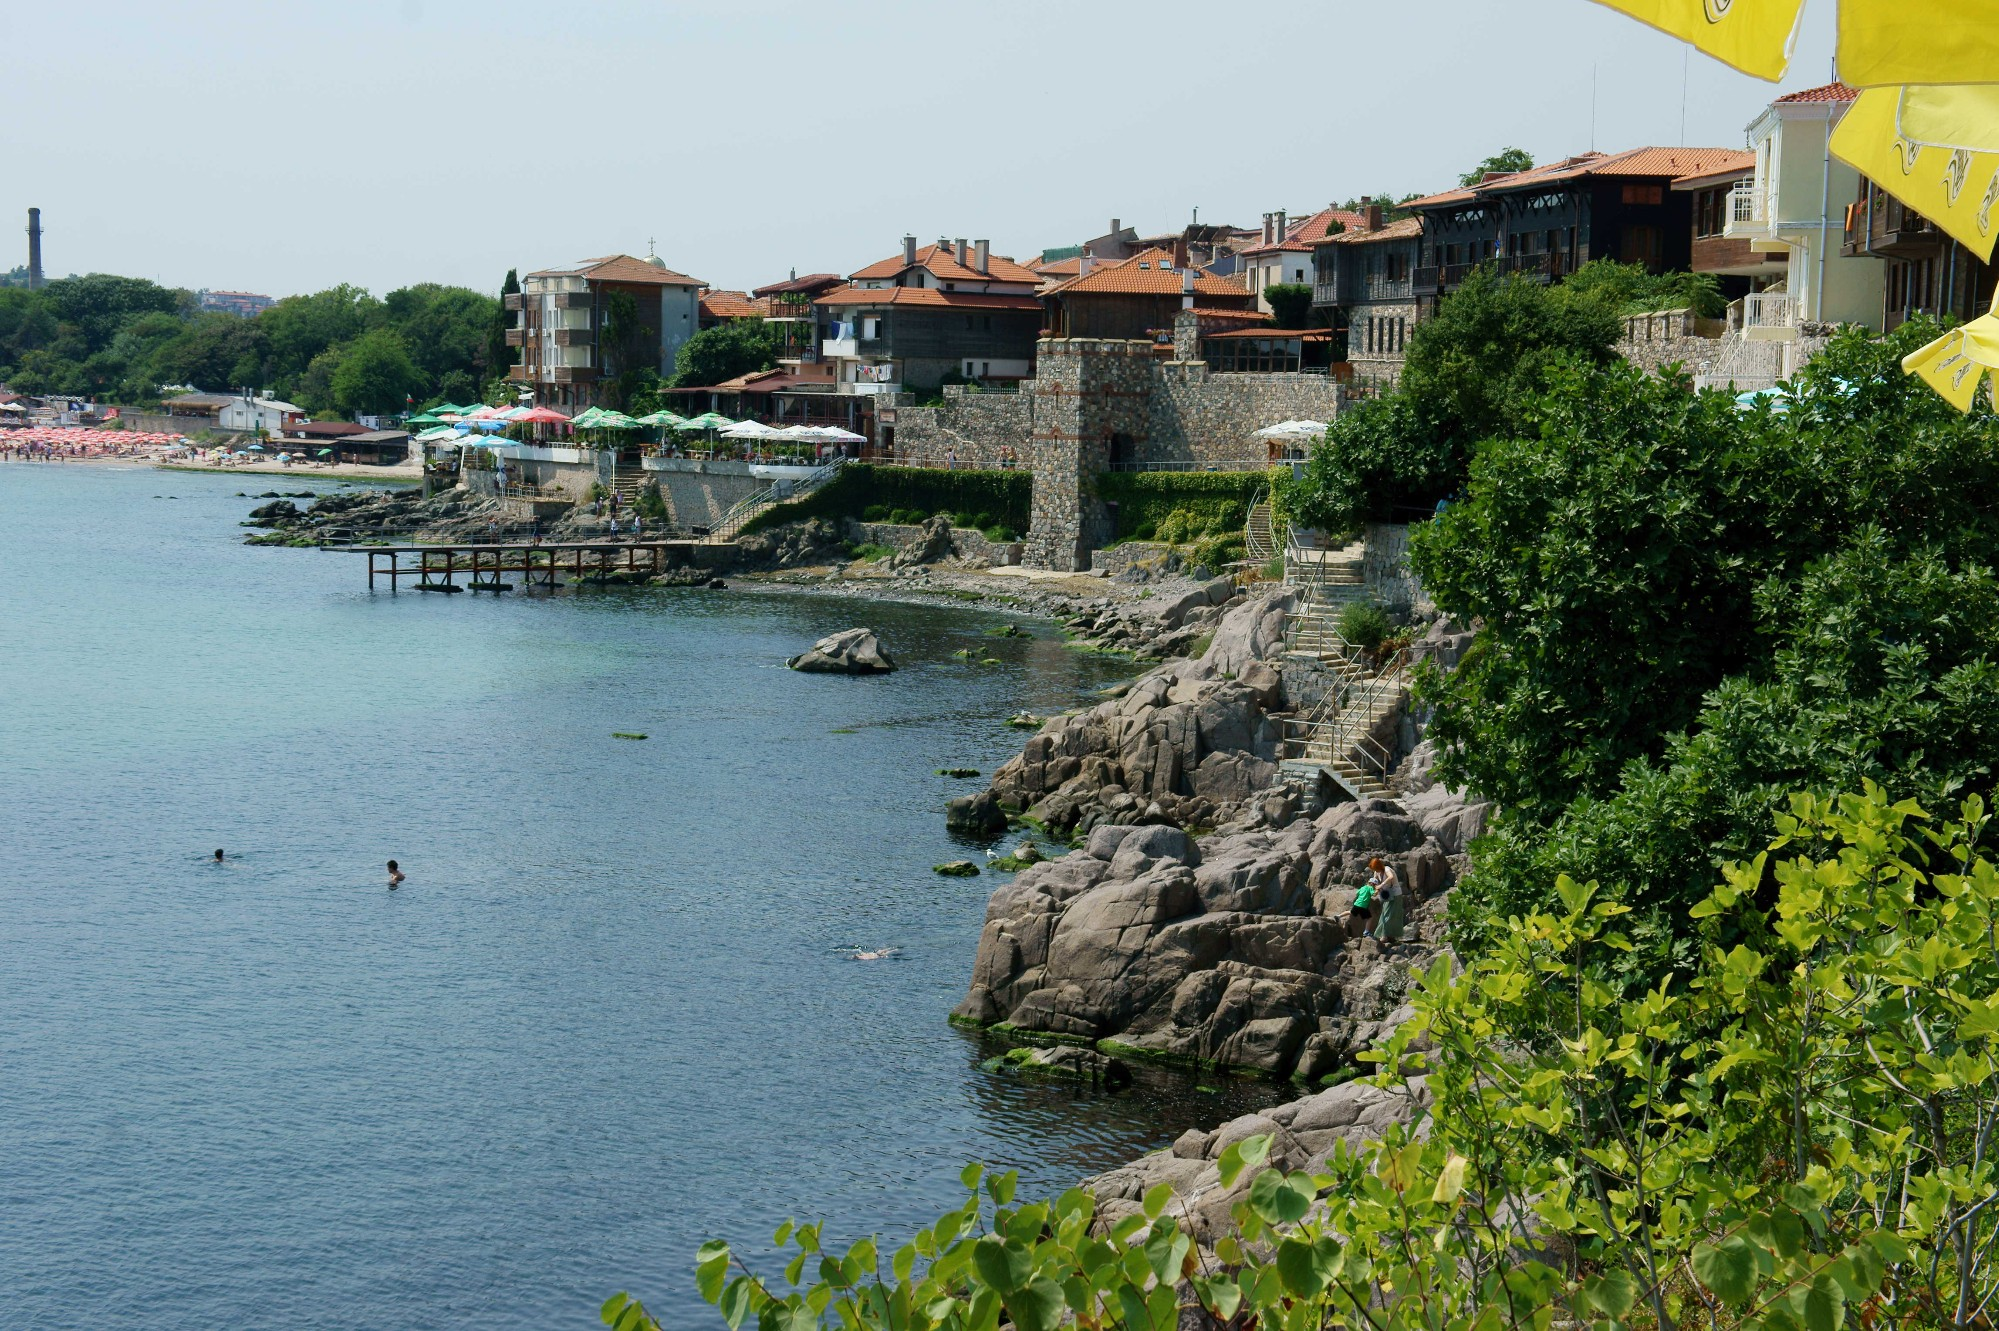 болгария бургас фото города где пишем